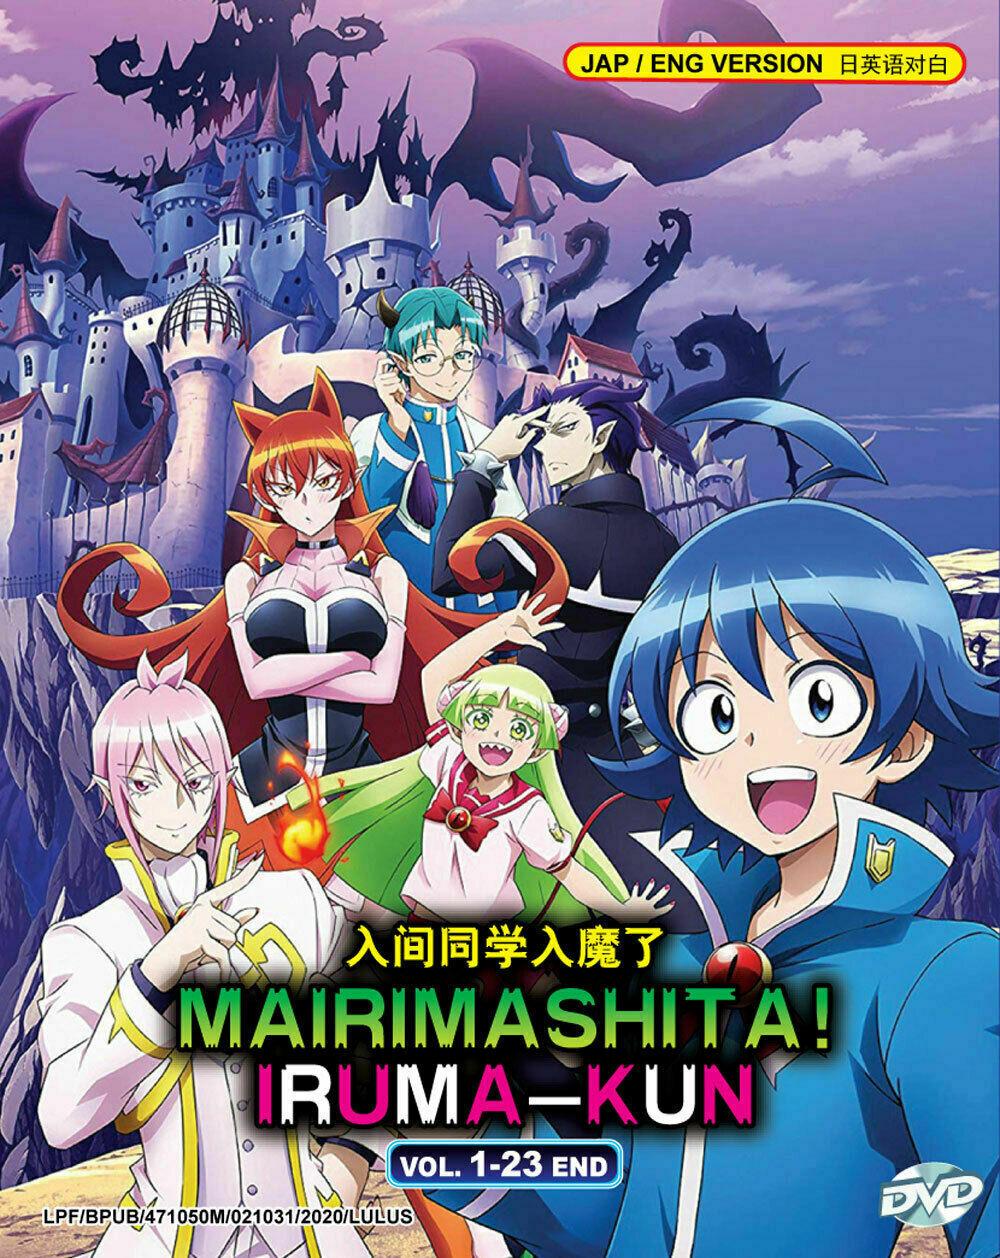 Mairimashita! Iruma-Kun Vol.1 - 23 End Japanese / English Version Anime DVD